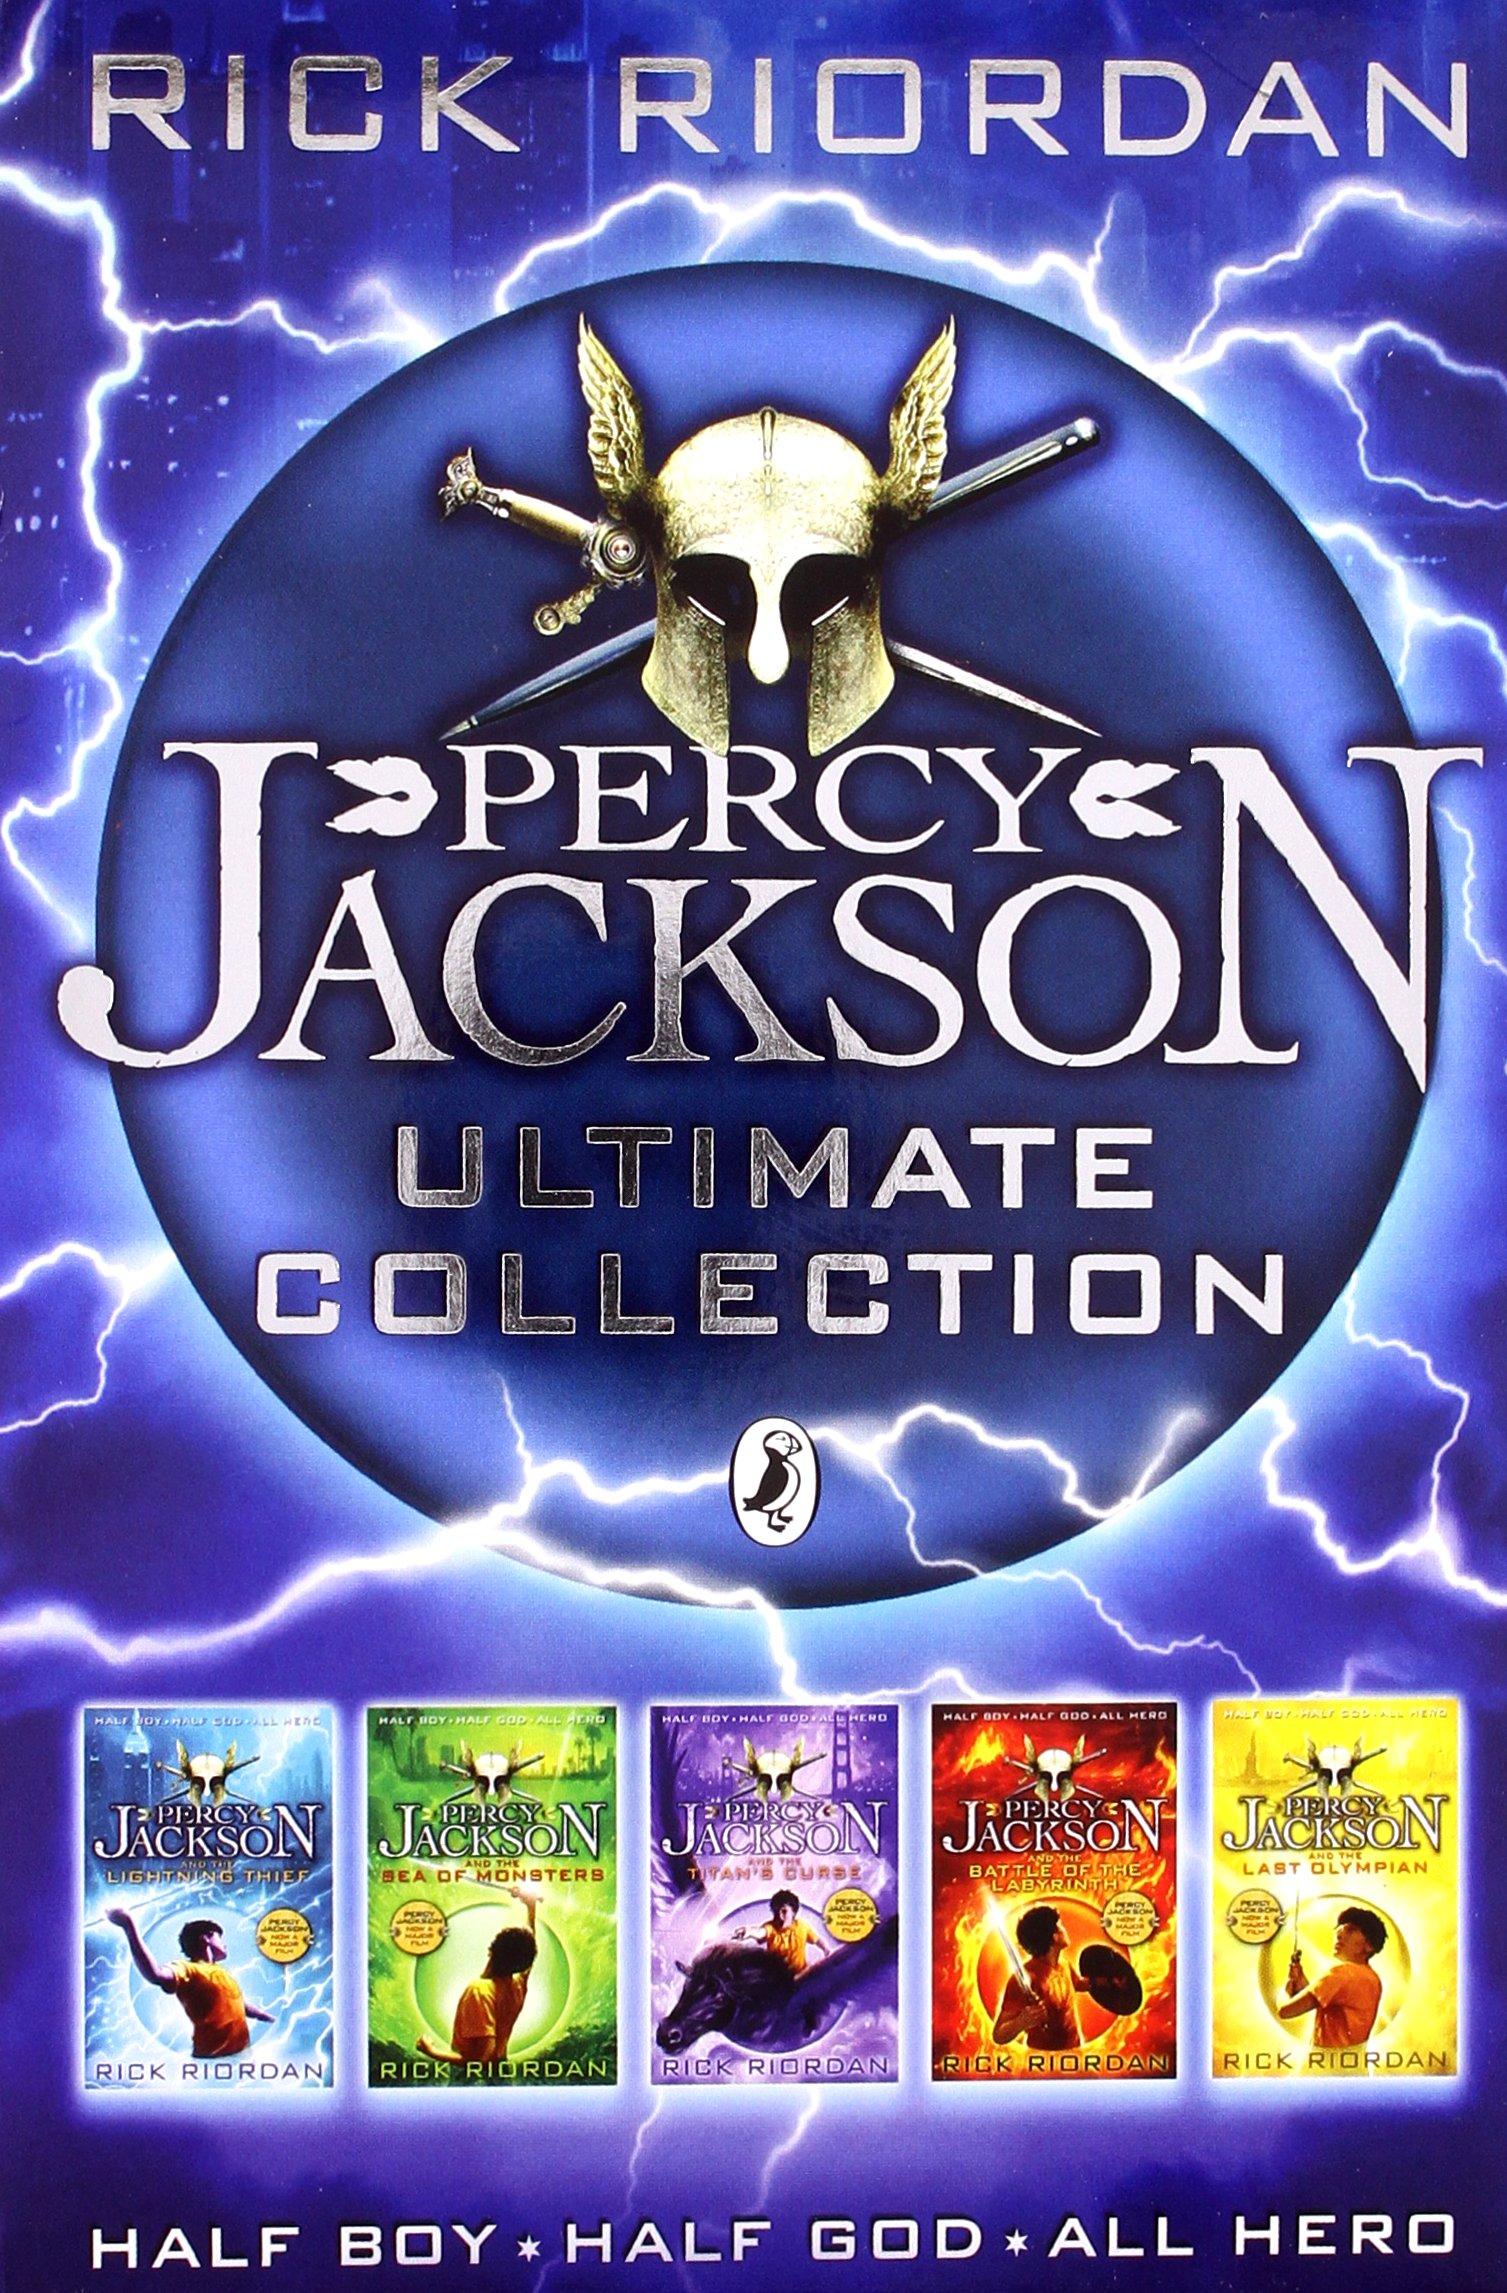 S/P Percy Jackson 5 Copy: Amazon.es: Stock Pack: Libros en idiomas extranjeros